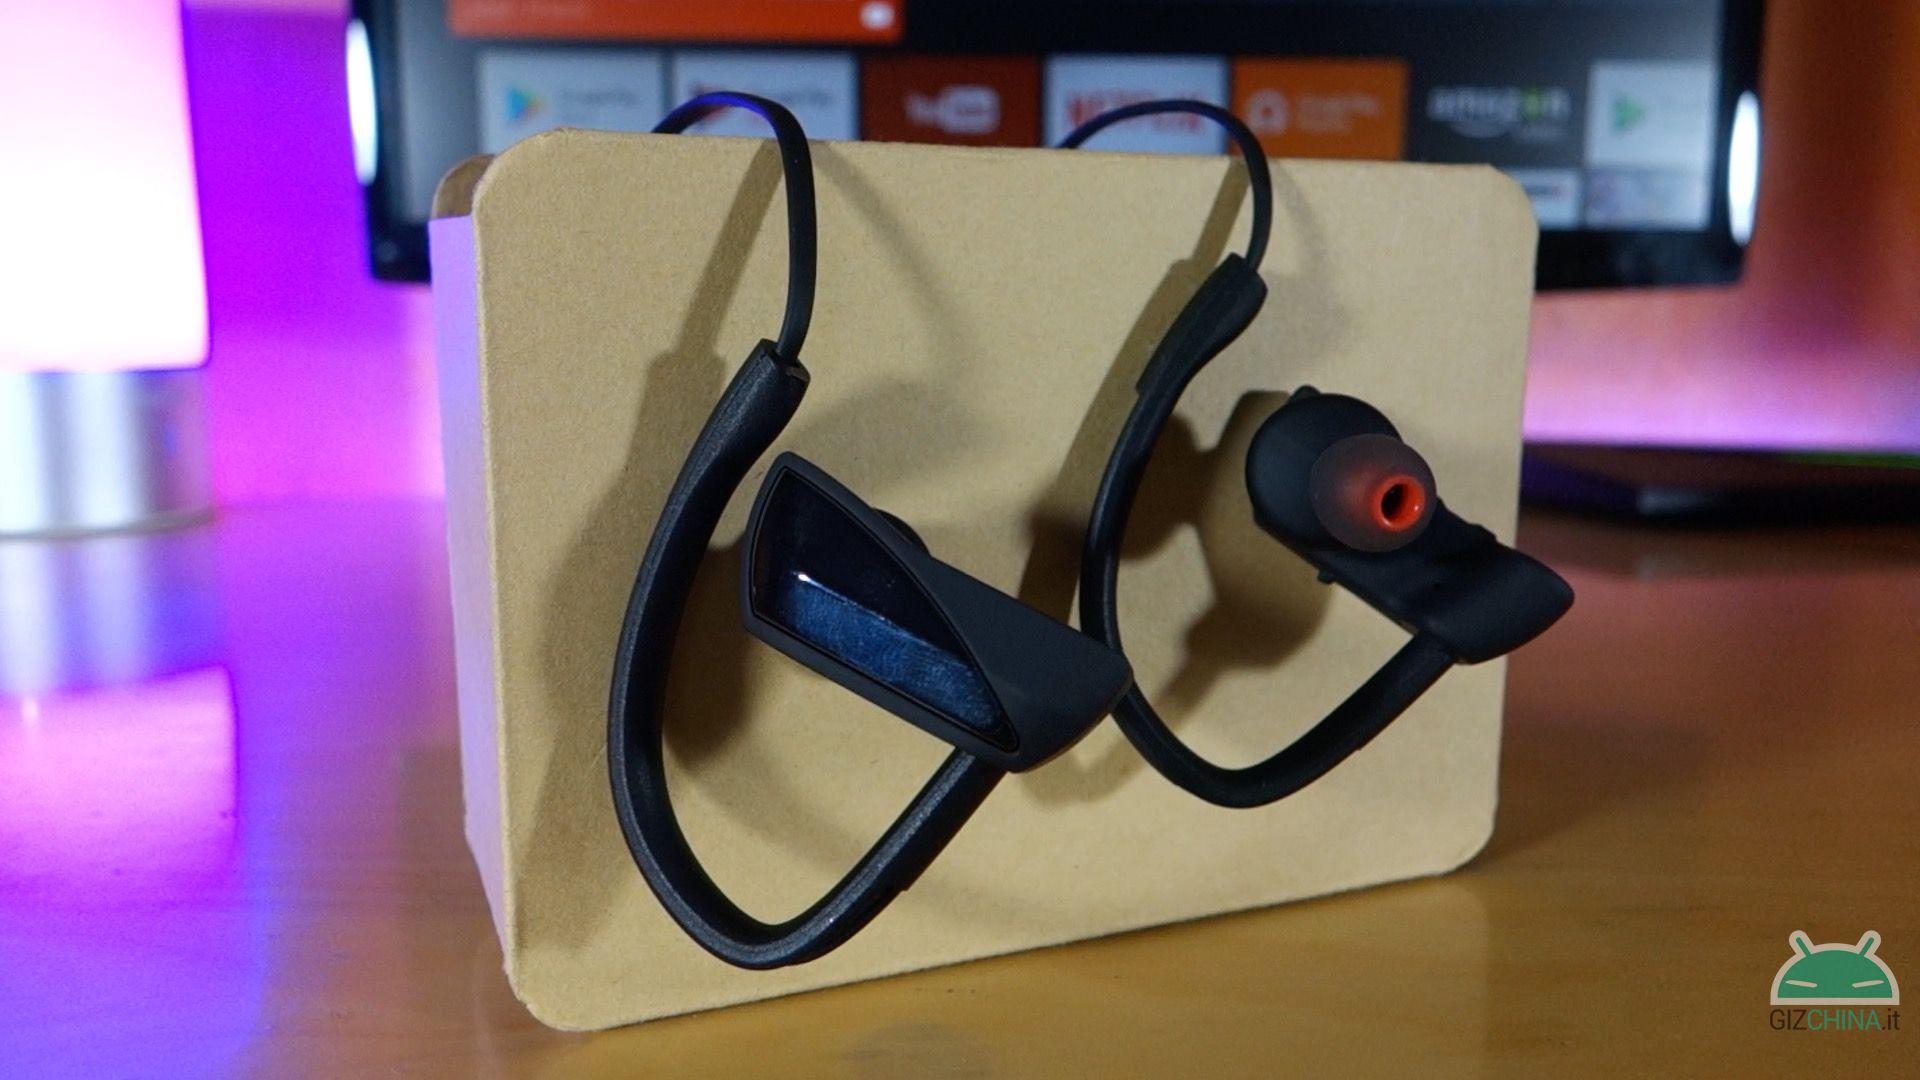 U12耳机